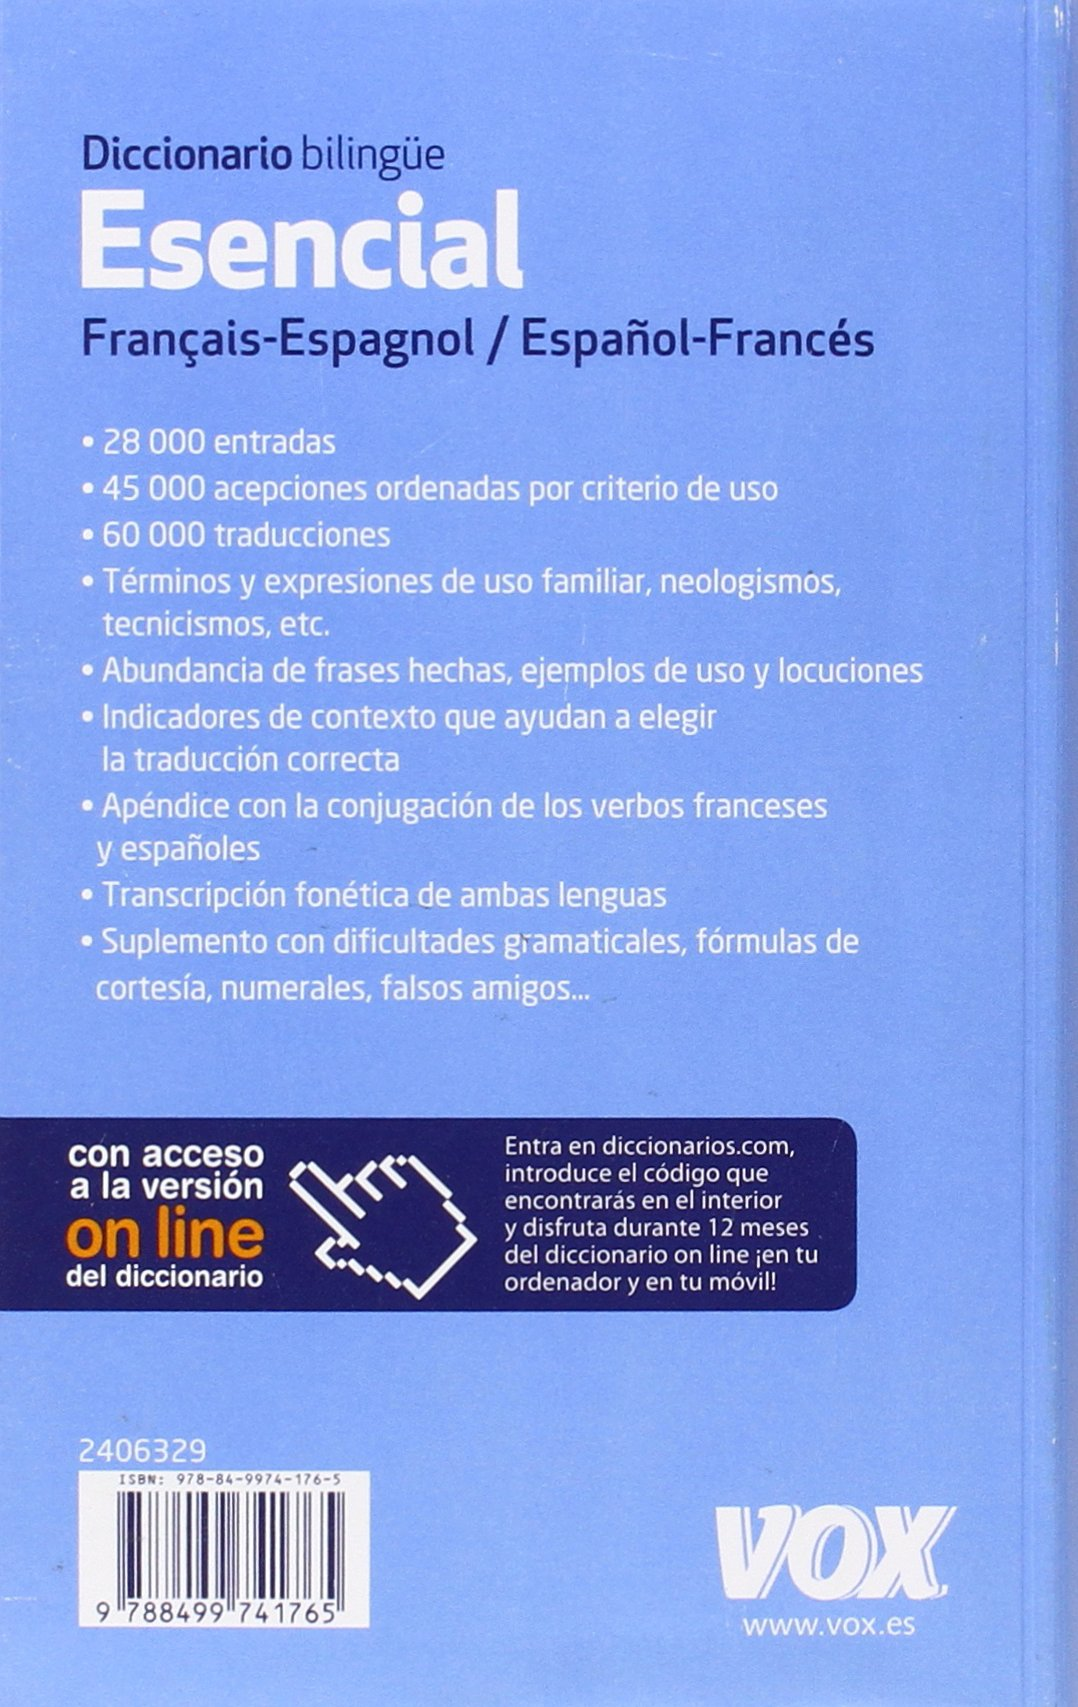 Diccionario Esencial Français Espagnol Español Francés Vox